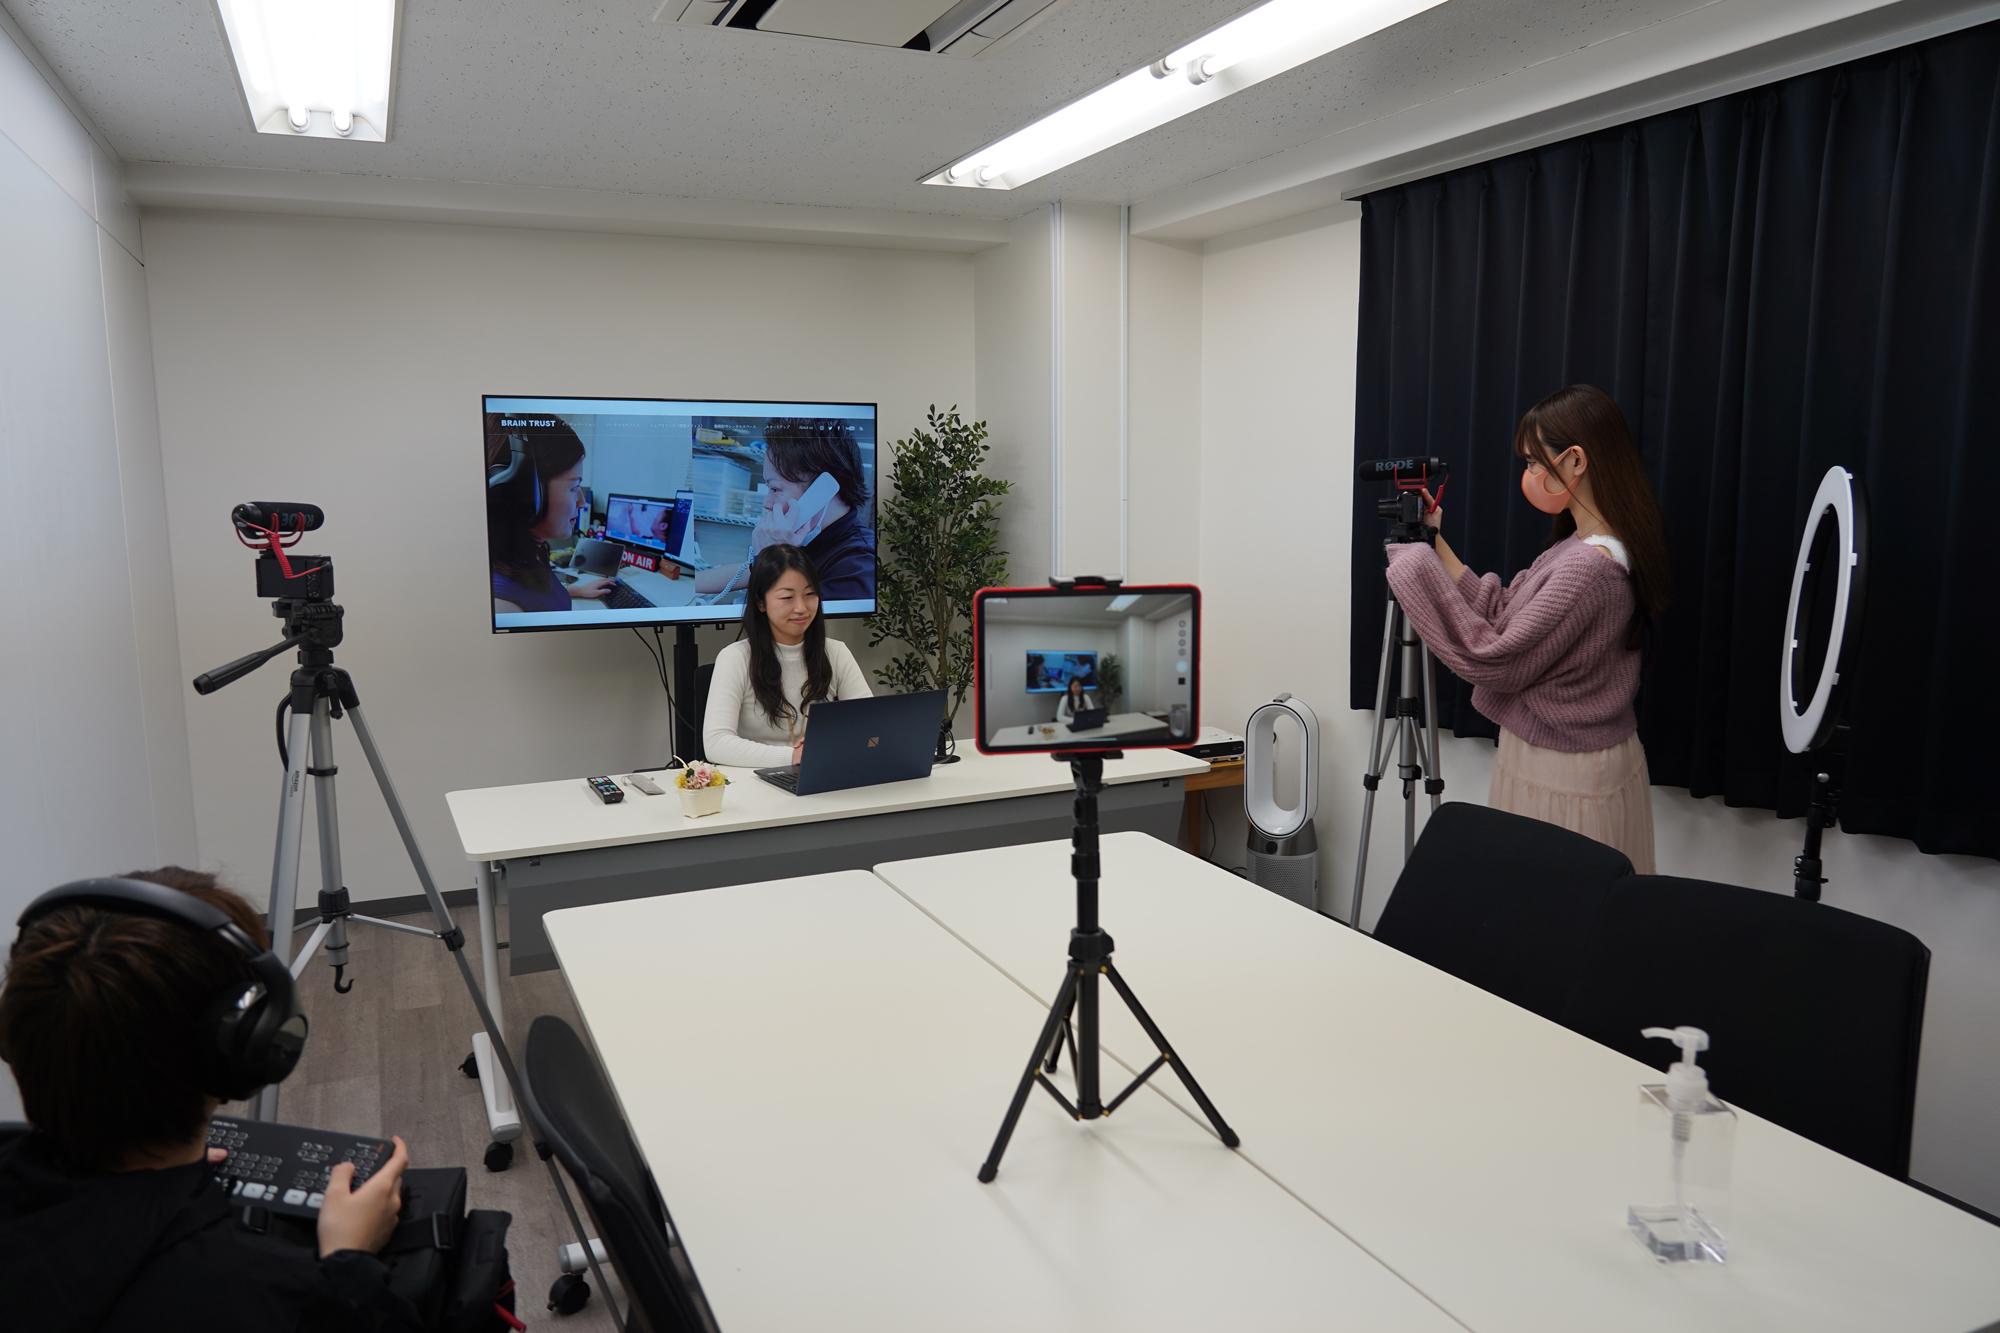 オプションプラン:動画制作サービス